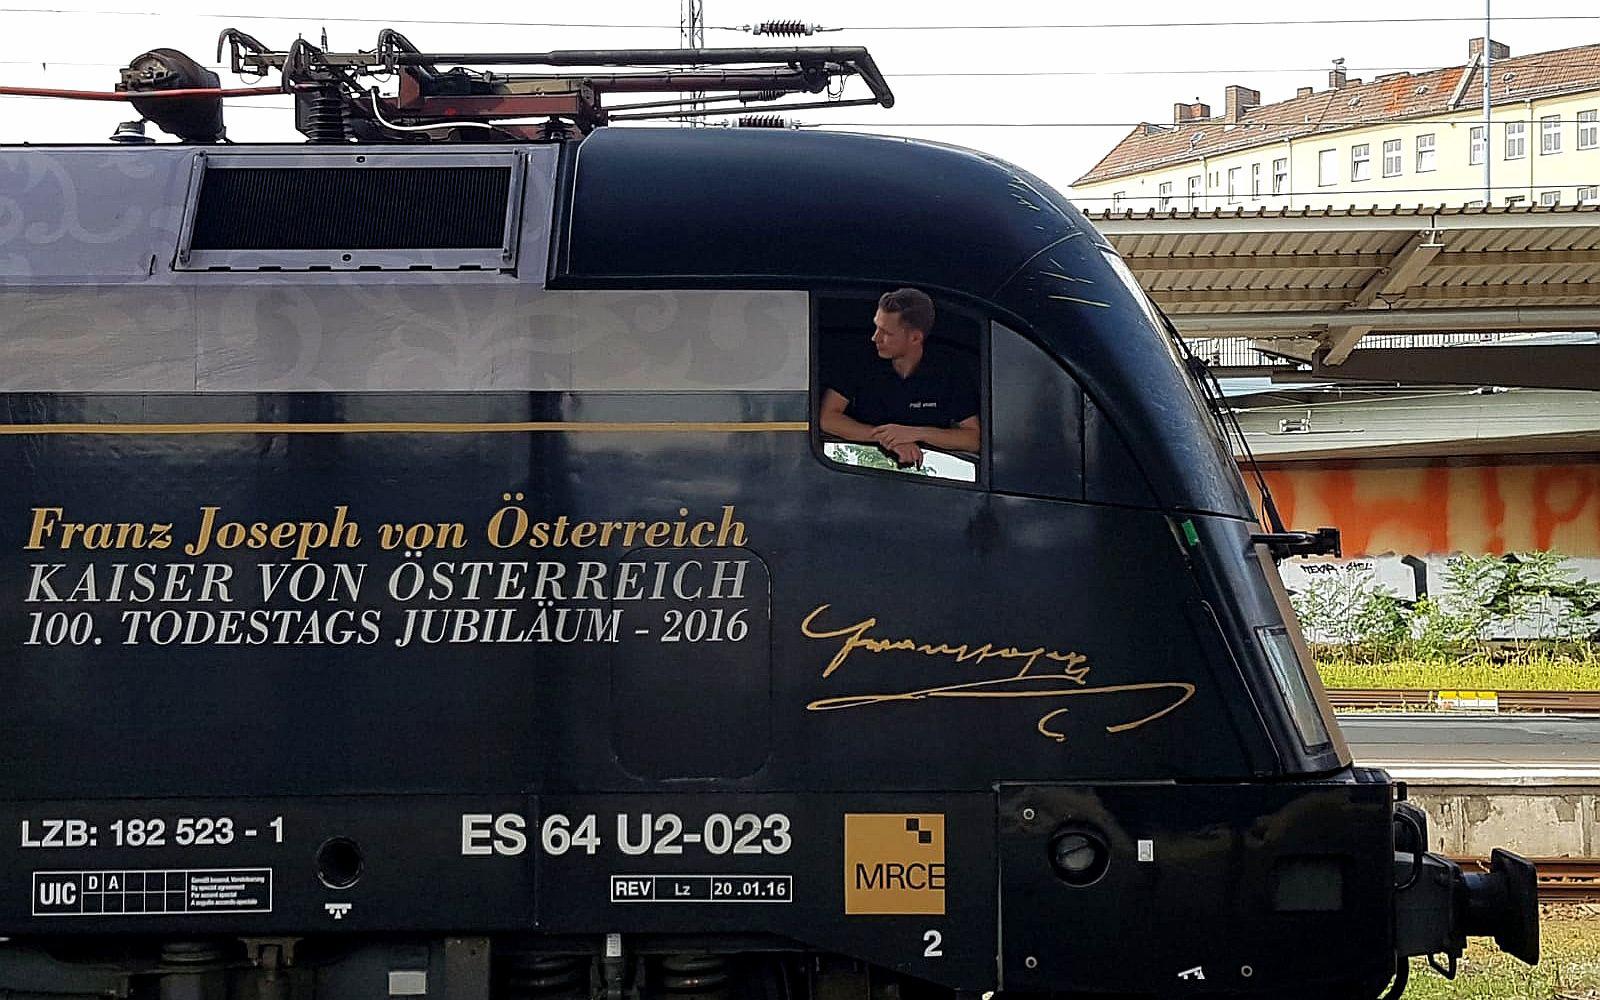 Triebfahrzeugführer beim Kontrollblick aus dem Führerstand eines schön gestalteten Triebwagen zum 100. Todestag von Franz Joseph, dem Kaiser von Österreich